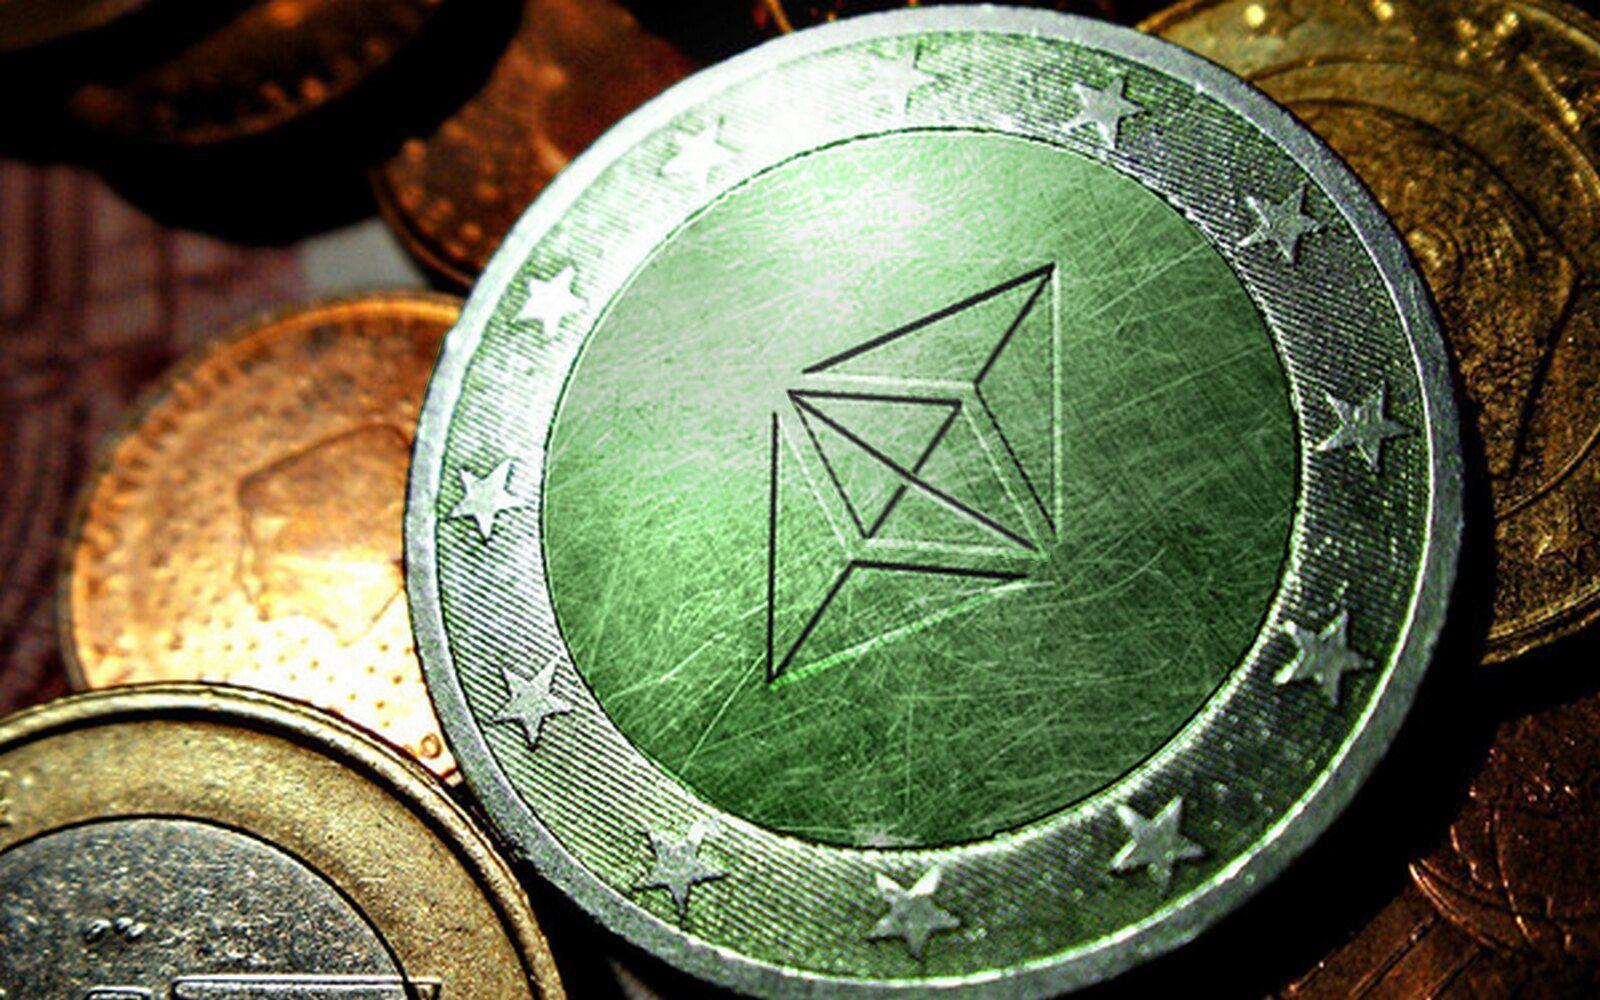 giá bitcoin: Bitcoin vẫn ở trên mức 7.100 USD, Ethereum Classic đi ngược xu hướng của altcoin